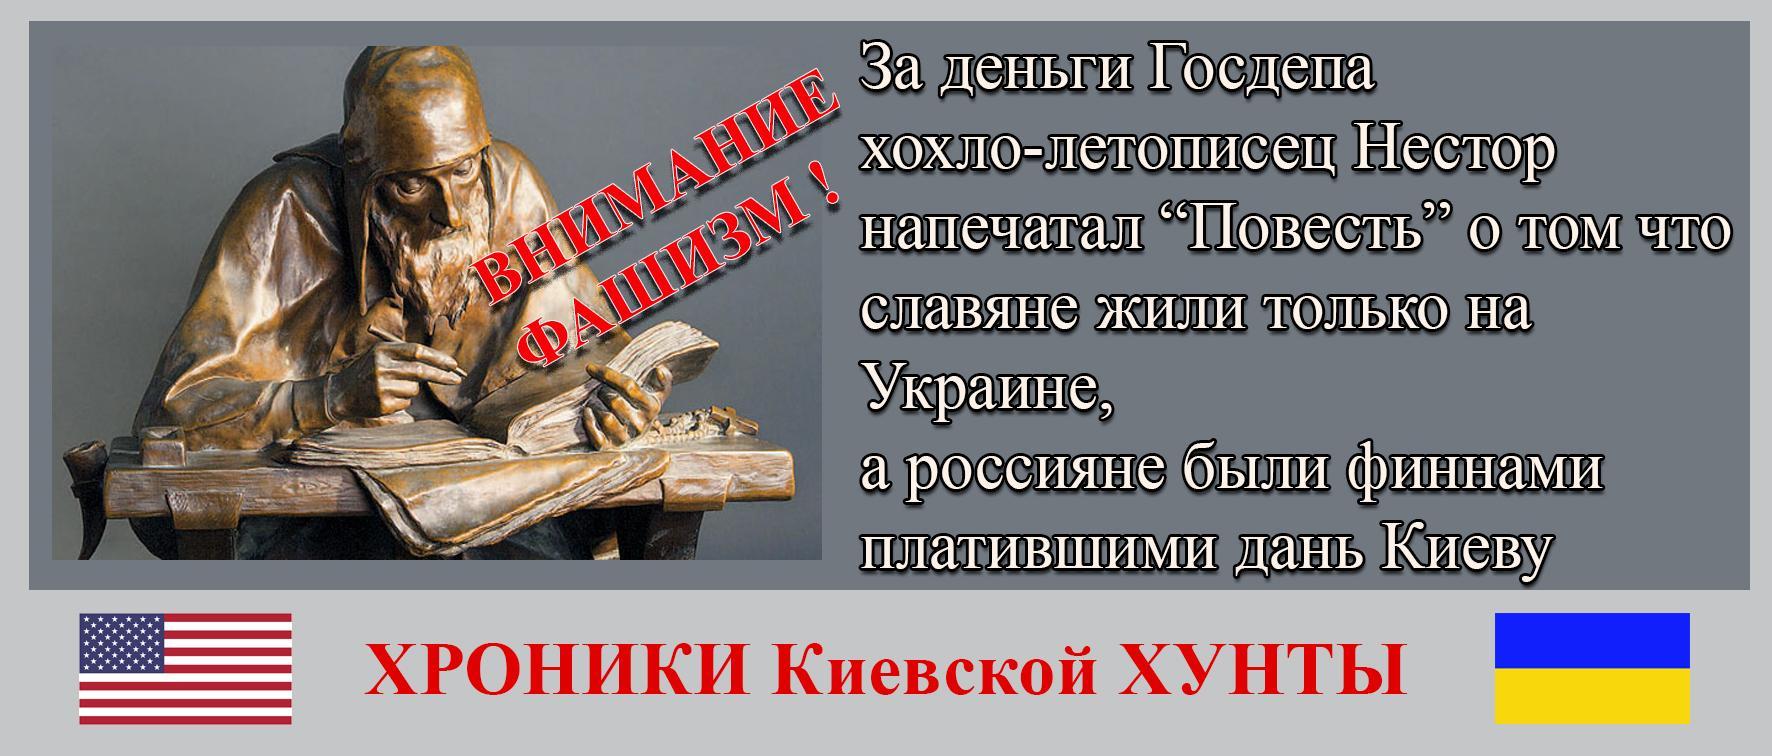 Райсуд Чернигова приговорил к 9 годам тюрьмы российского шпиона - Цензор.НЕТ 5803